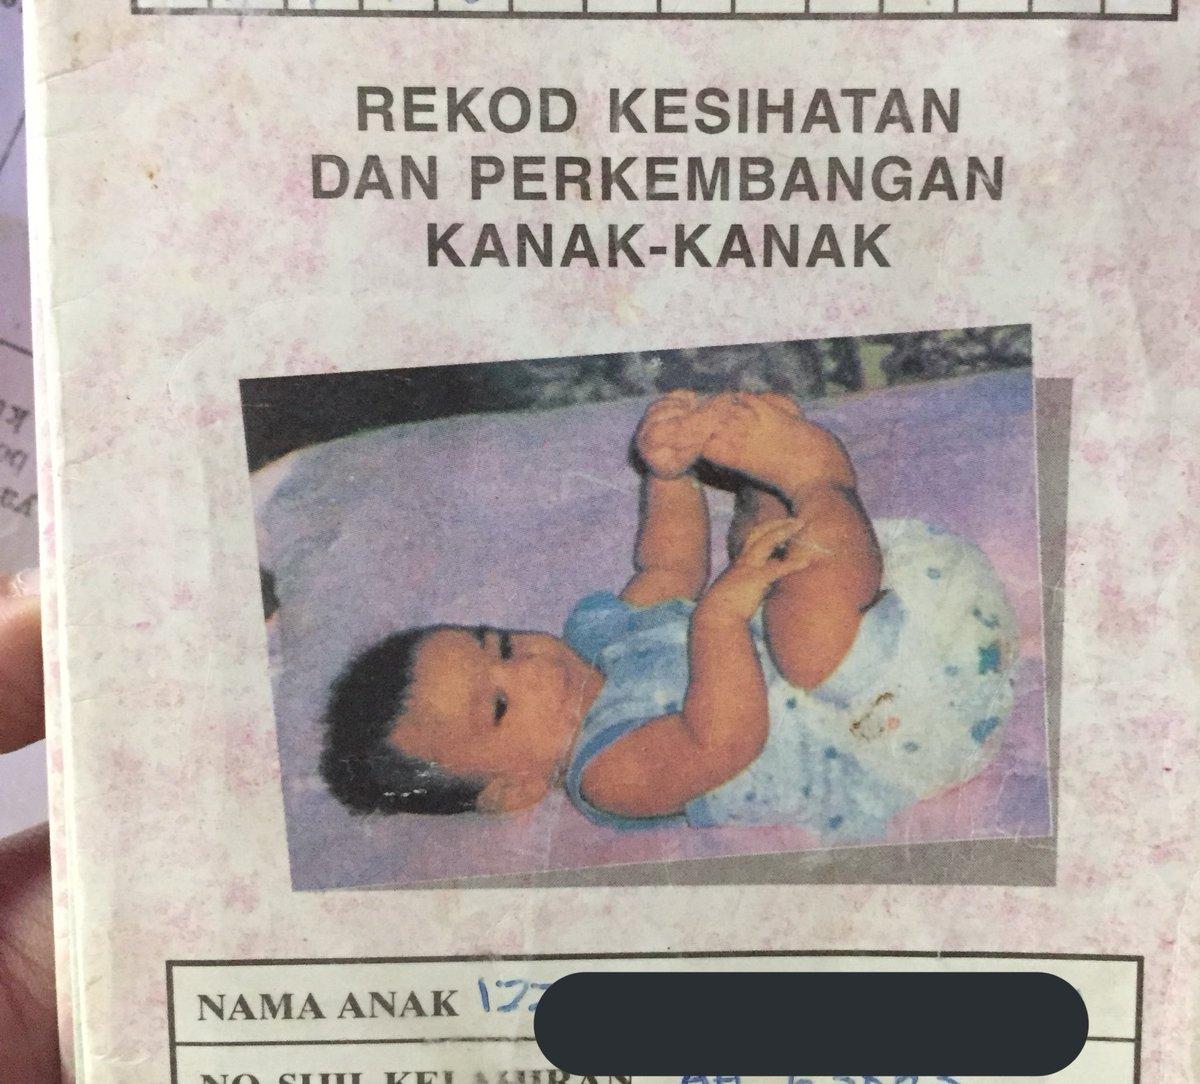 Dulu selalu ingat gambar baby ni sebenarnya gambar aku lepas lahir. Padahal ...